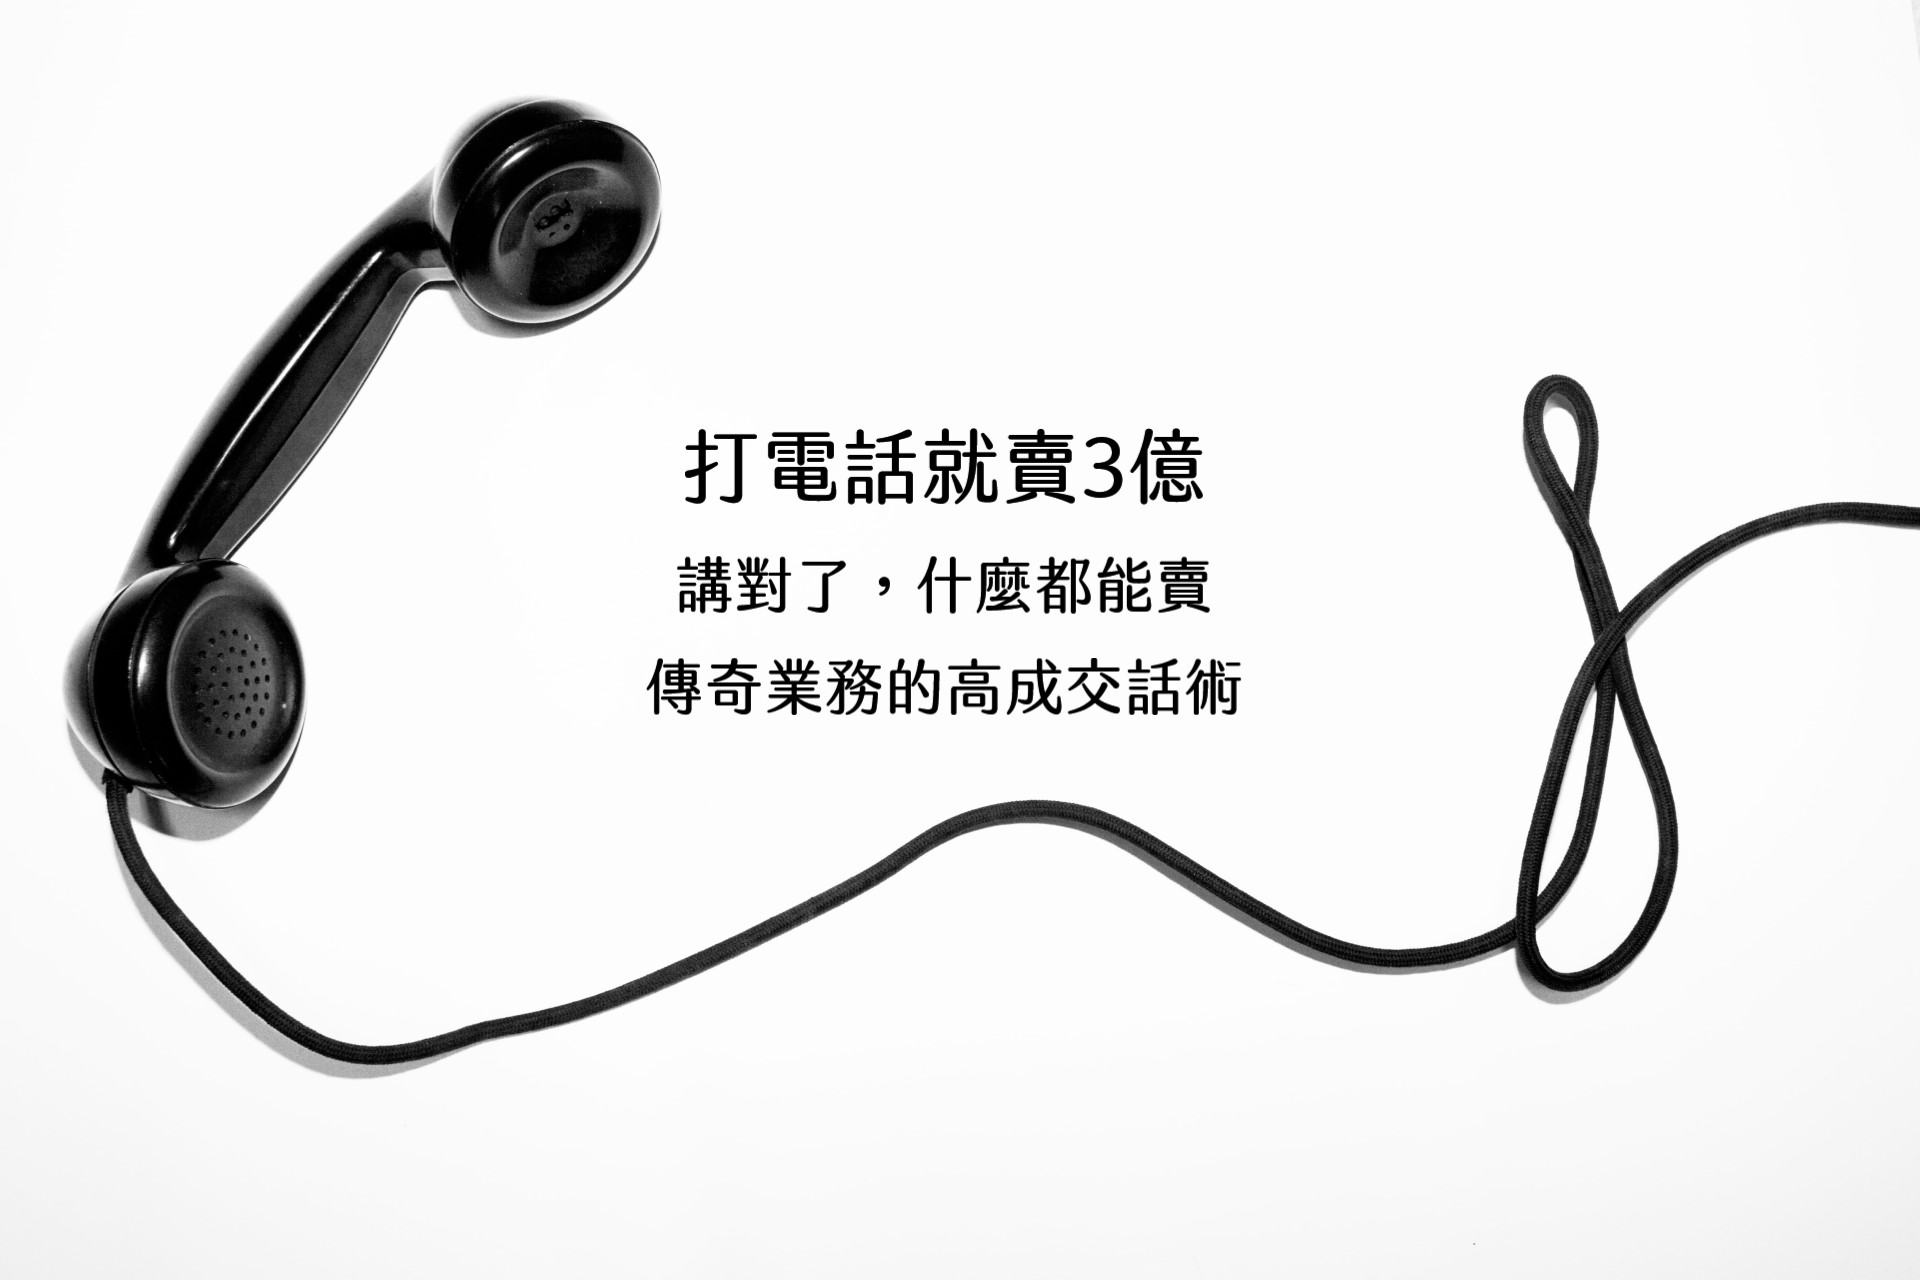 【嘉鴻筆記】打電話就賣3億:講對了,什麼都能賣,傳奇業務的高成交話術 3